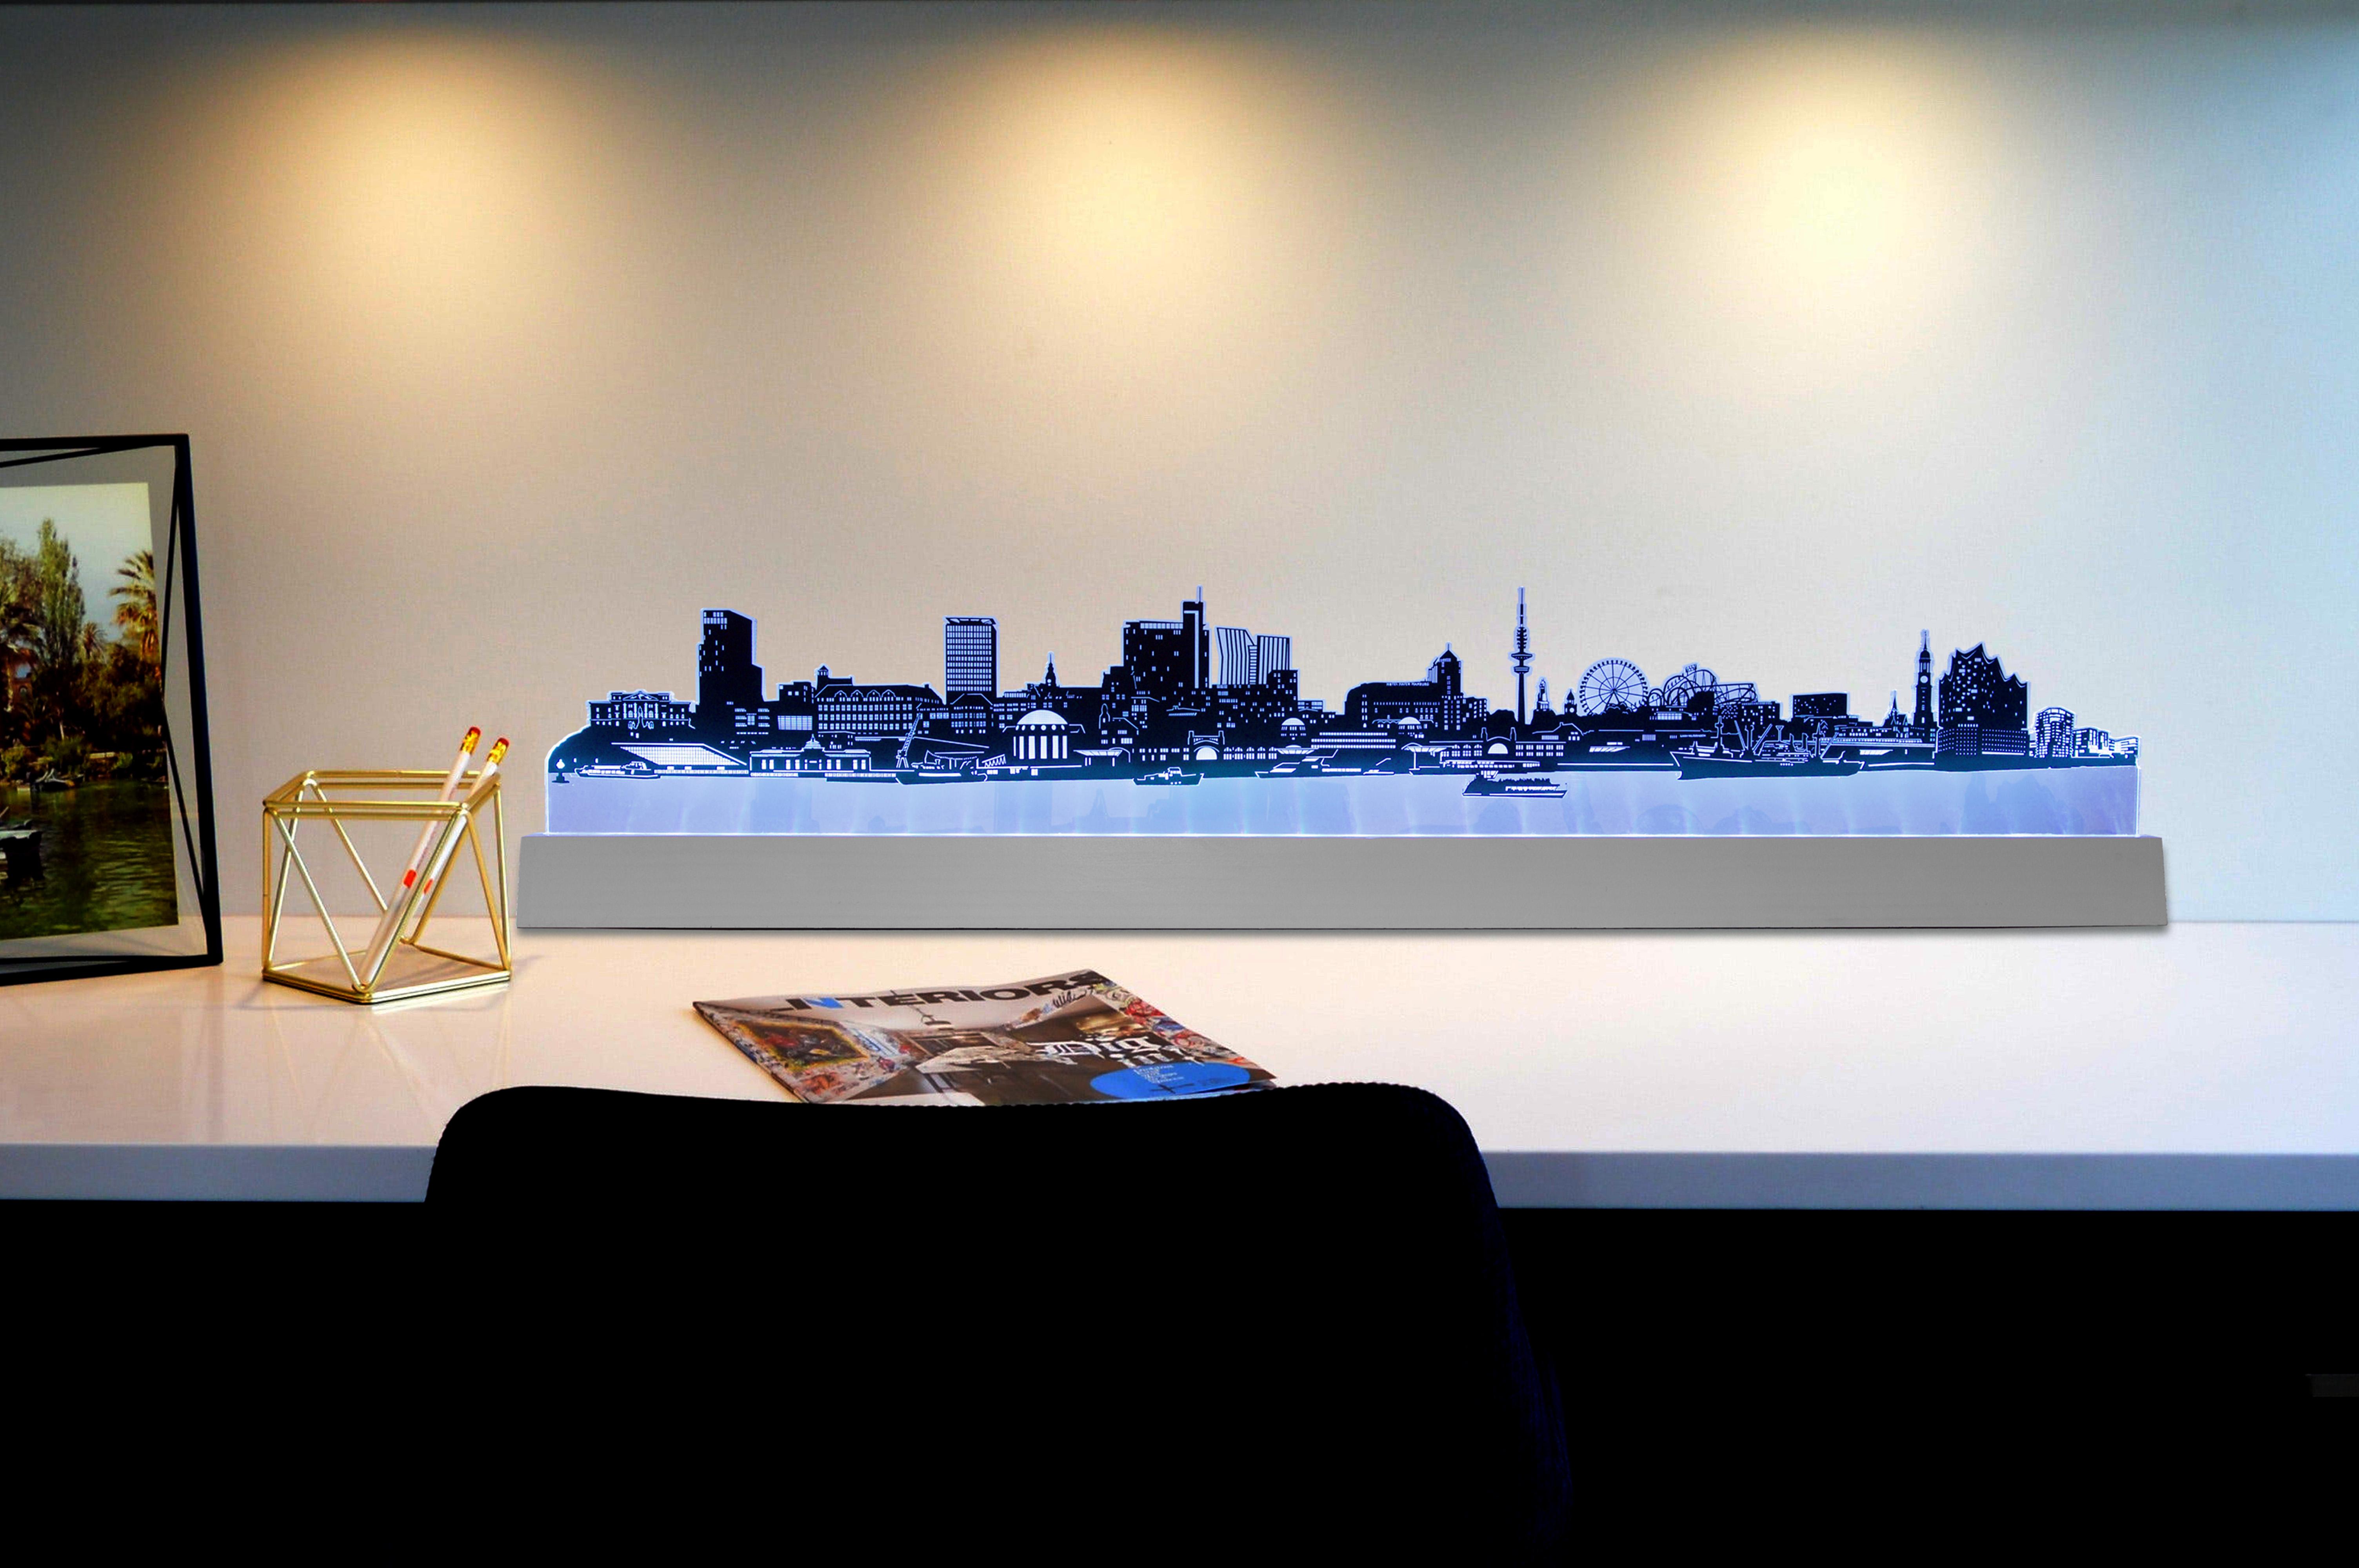 skyline hamburg panorama hamburg skyline hamburg. Black Bedroom Furniture Sets. Home Design Ideas